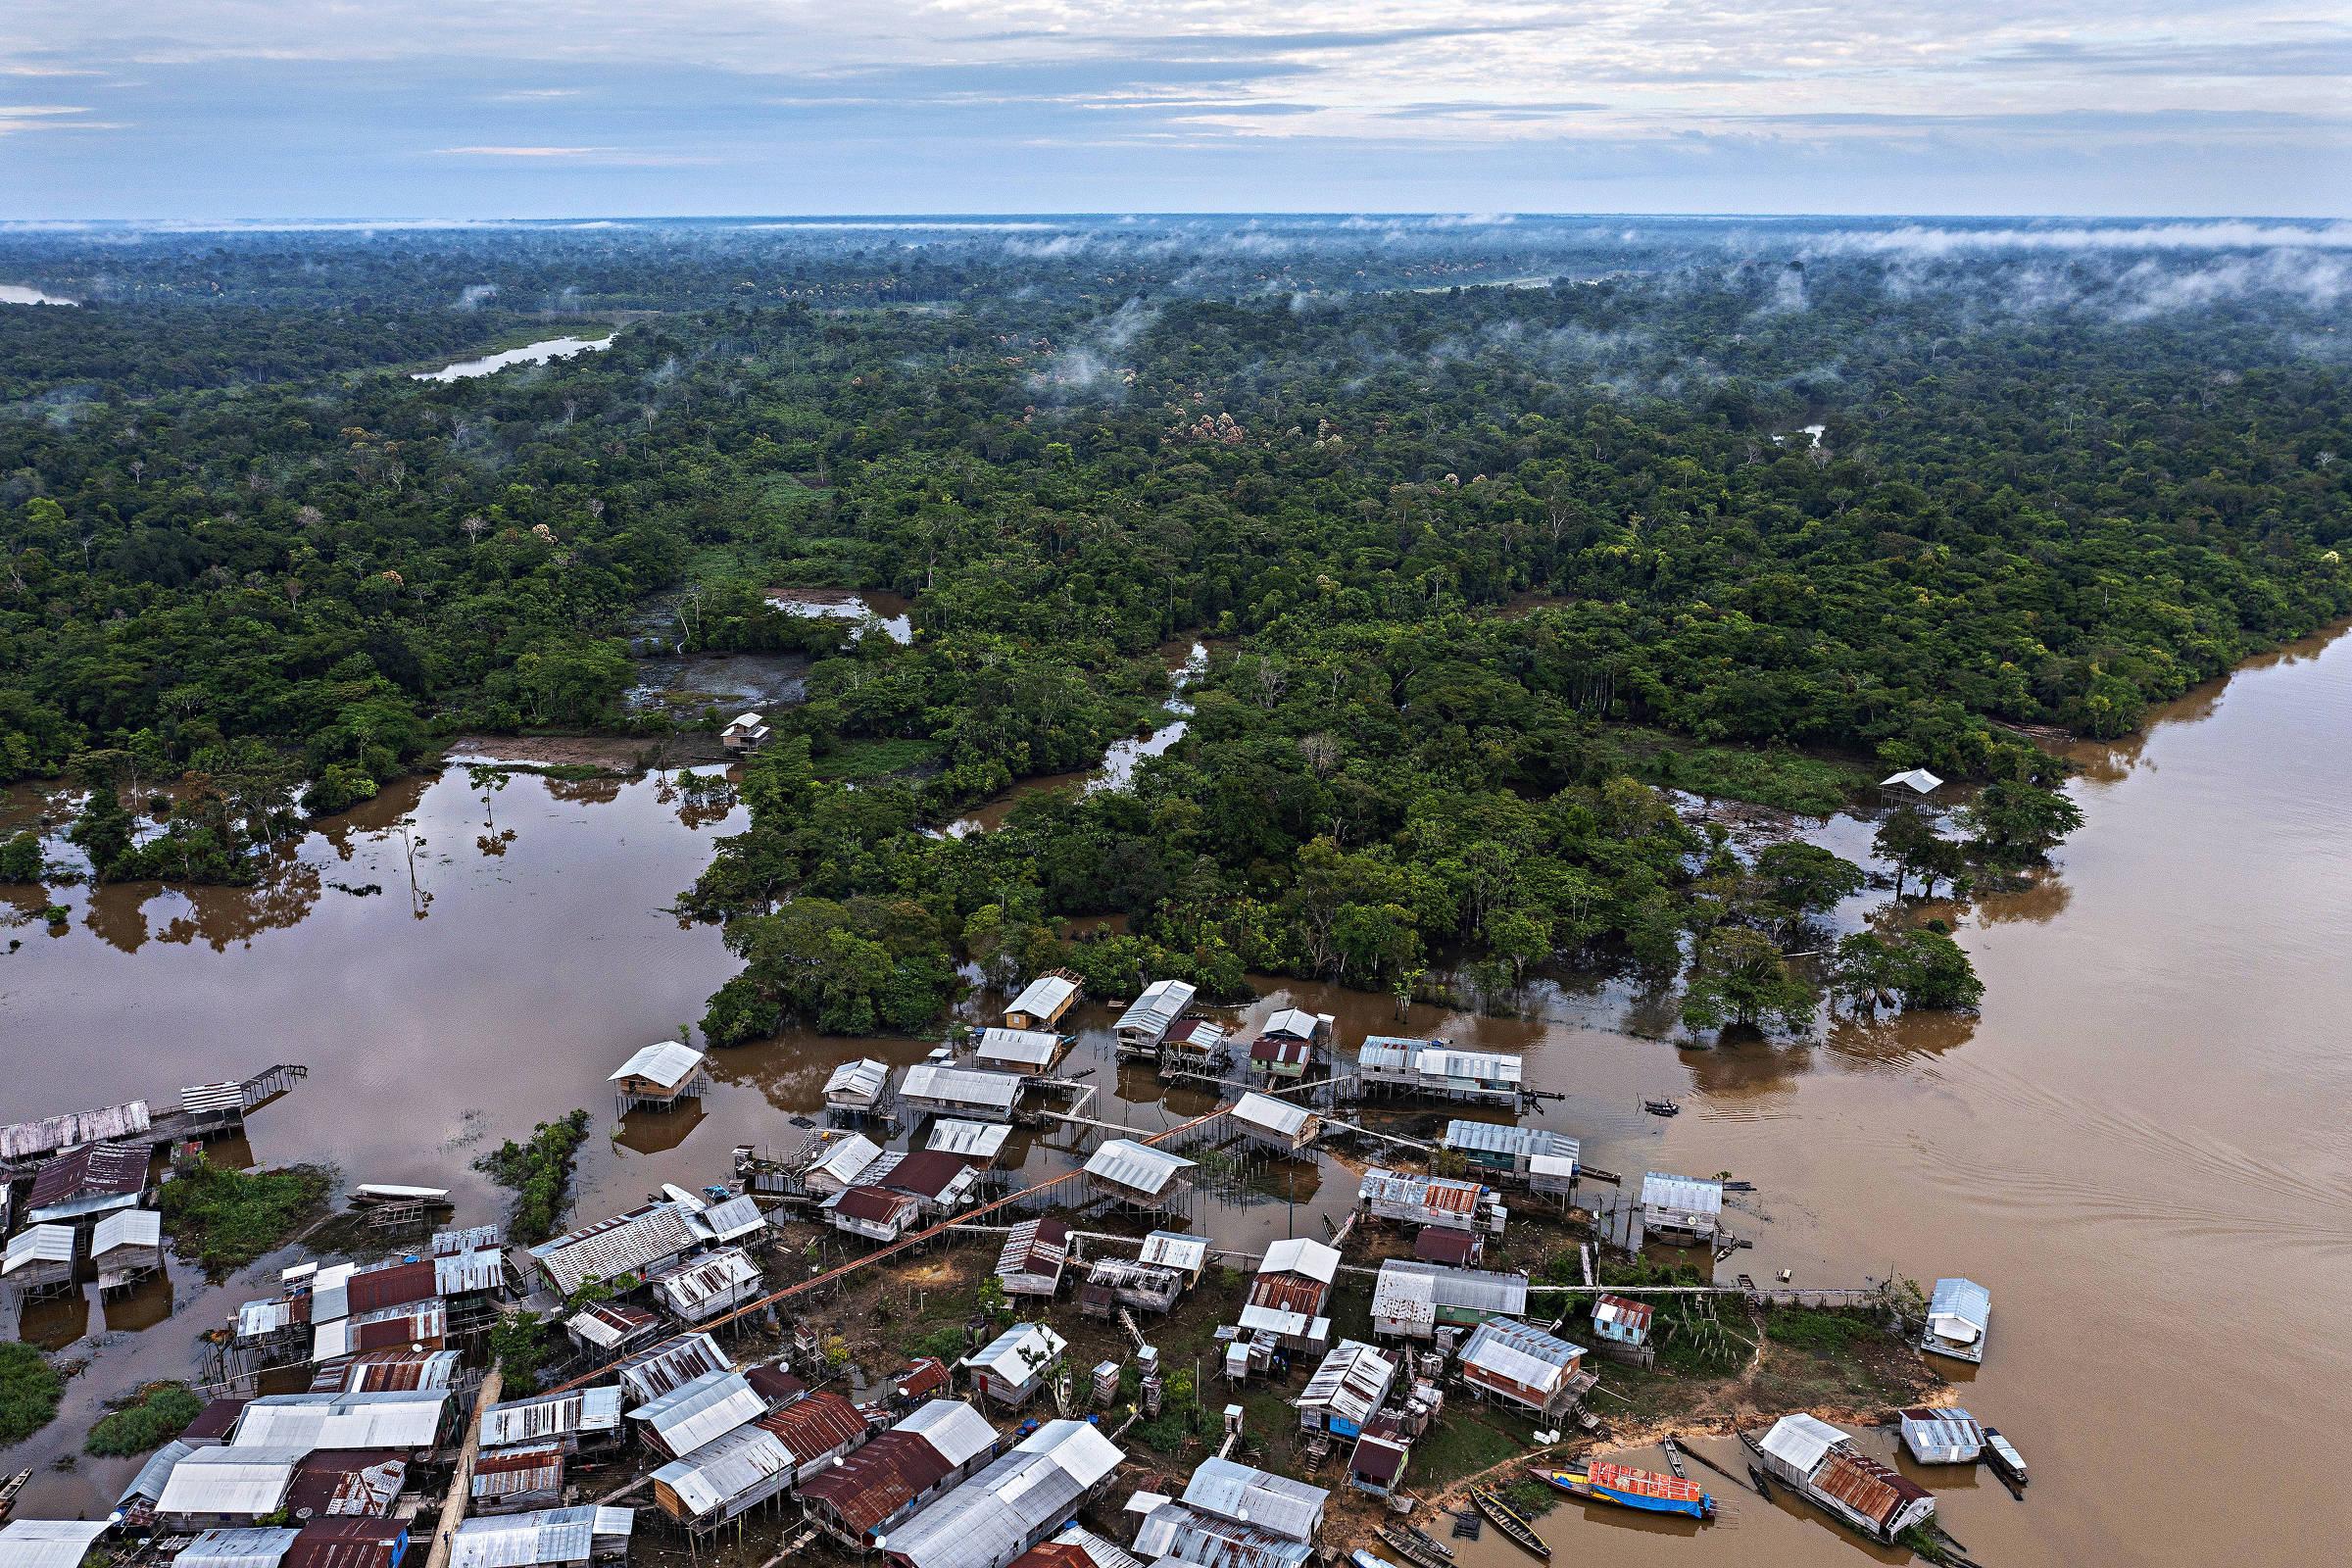 Vista aérea da cidade de Atalaia do Norte, cidade localizada no Vale do Javari, no Amazonas